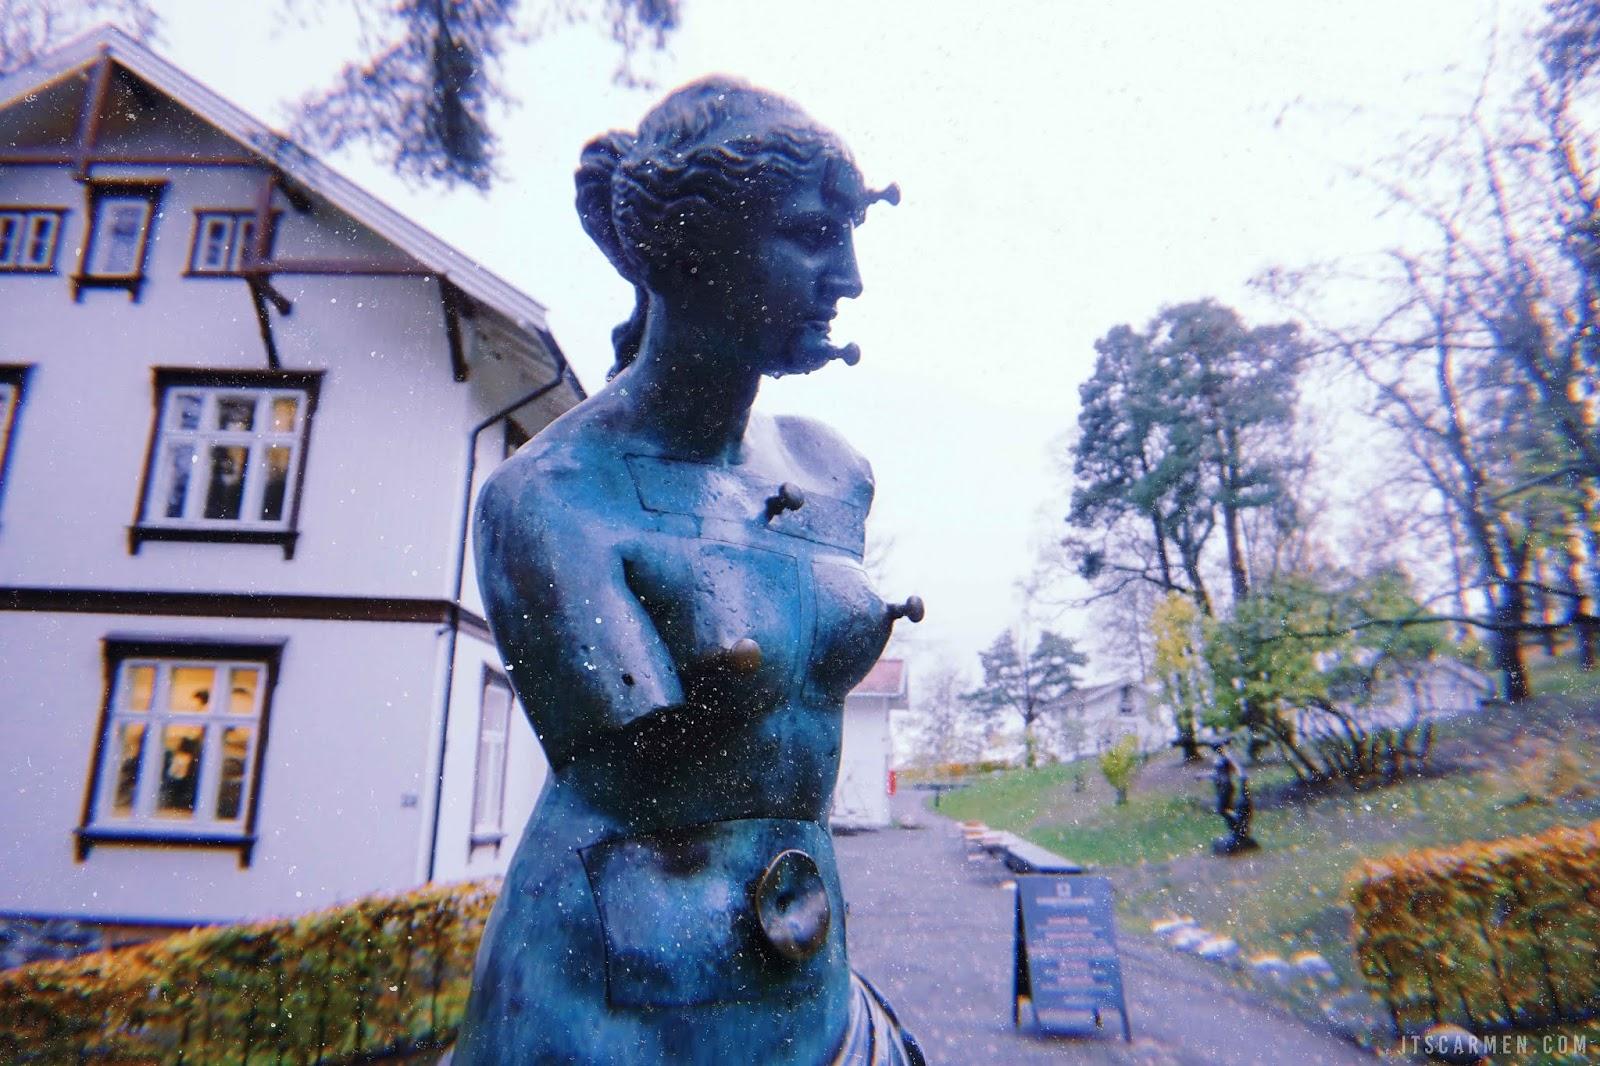 Ekebergparken Sculpture Park by Salvador Dalí Venus de Milo aux tiroirs, 1936.